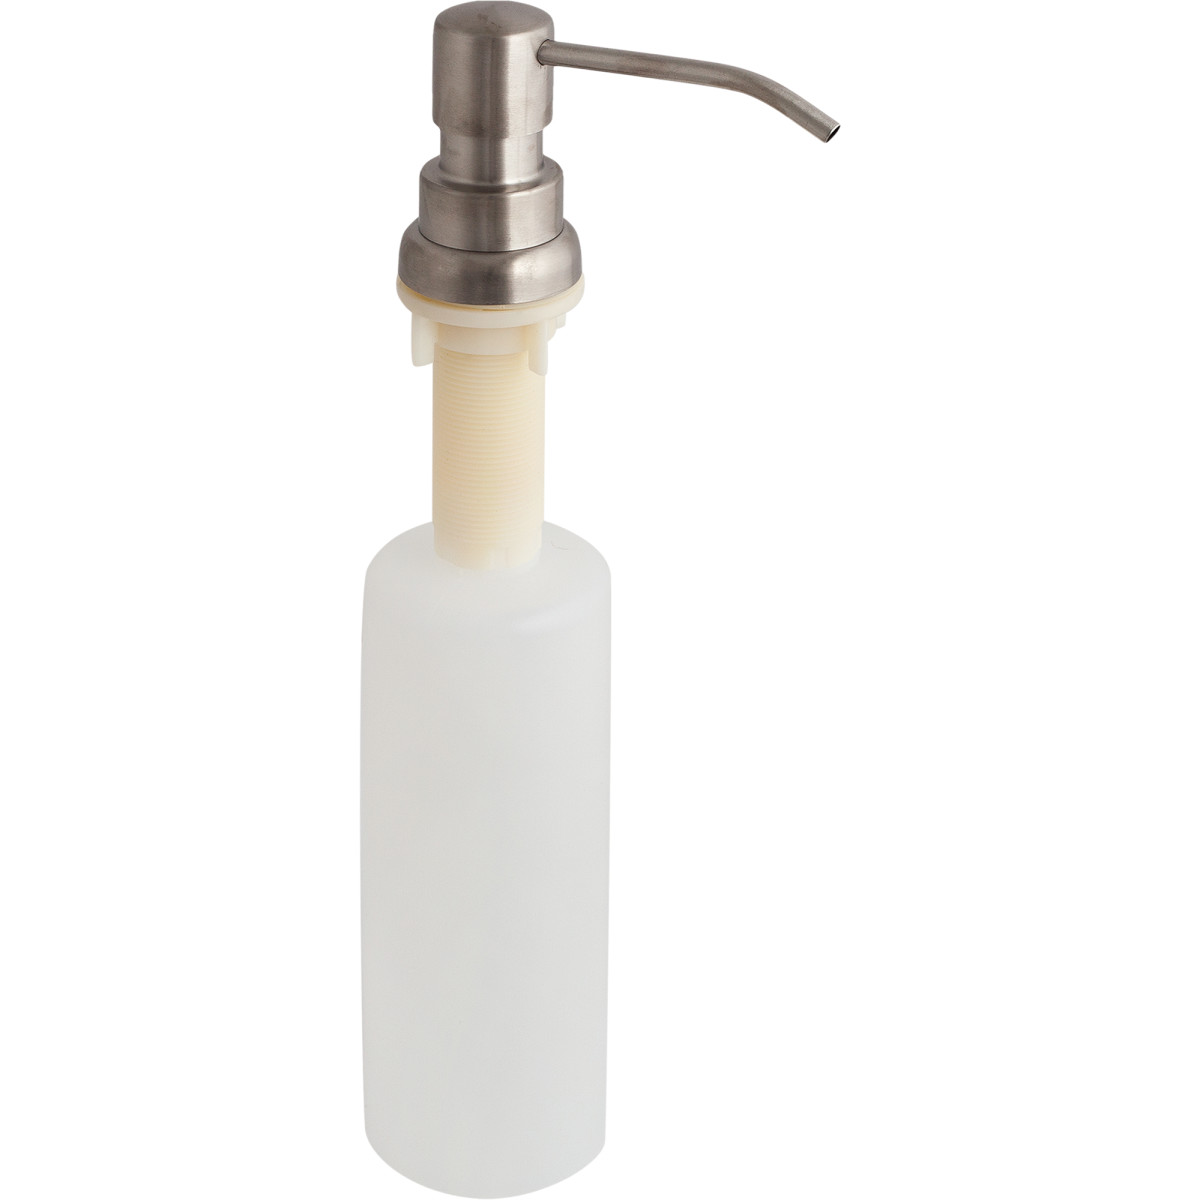 Дозатор для жидкого мыла врезной цвет прозрачный